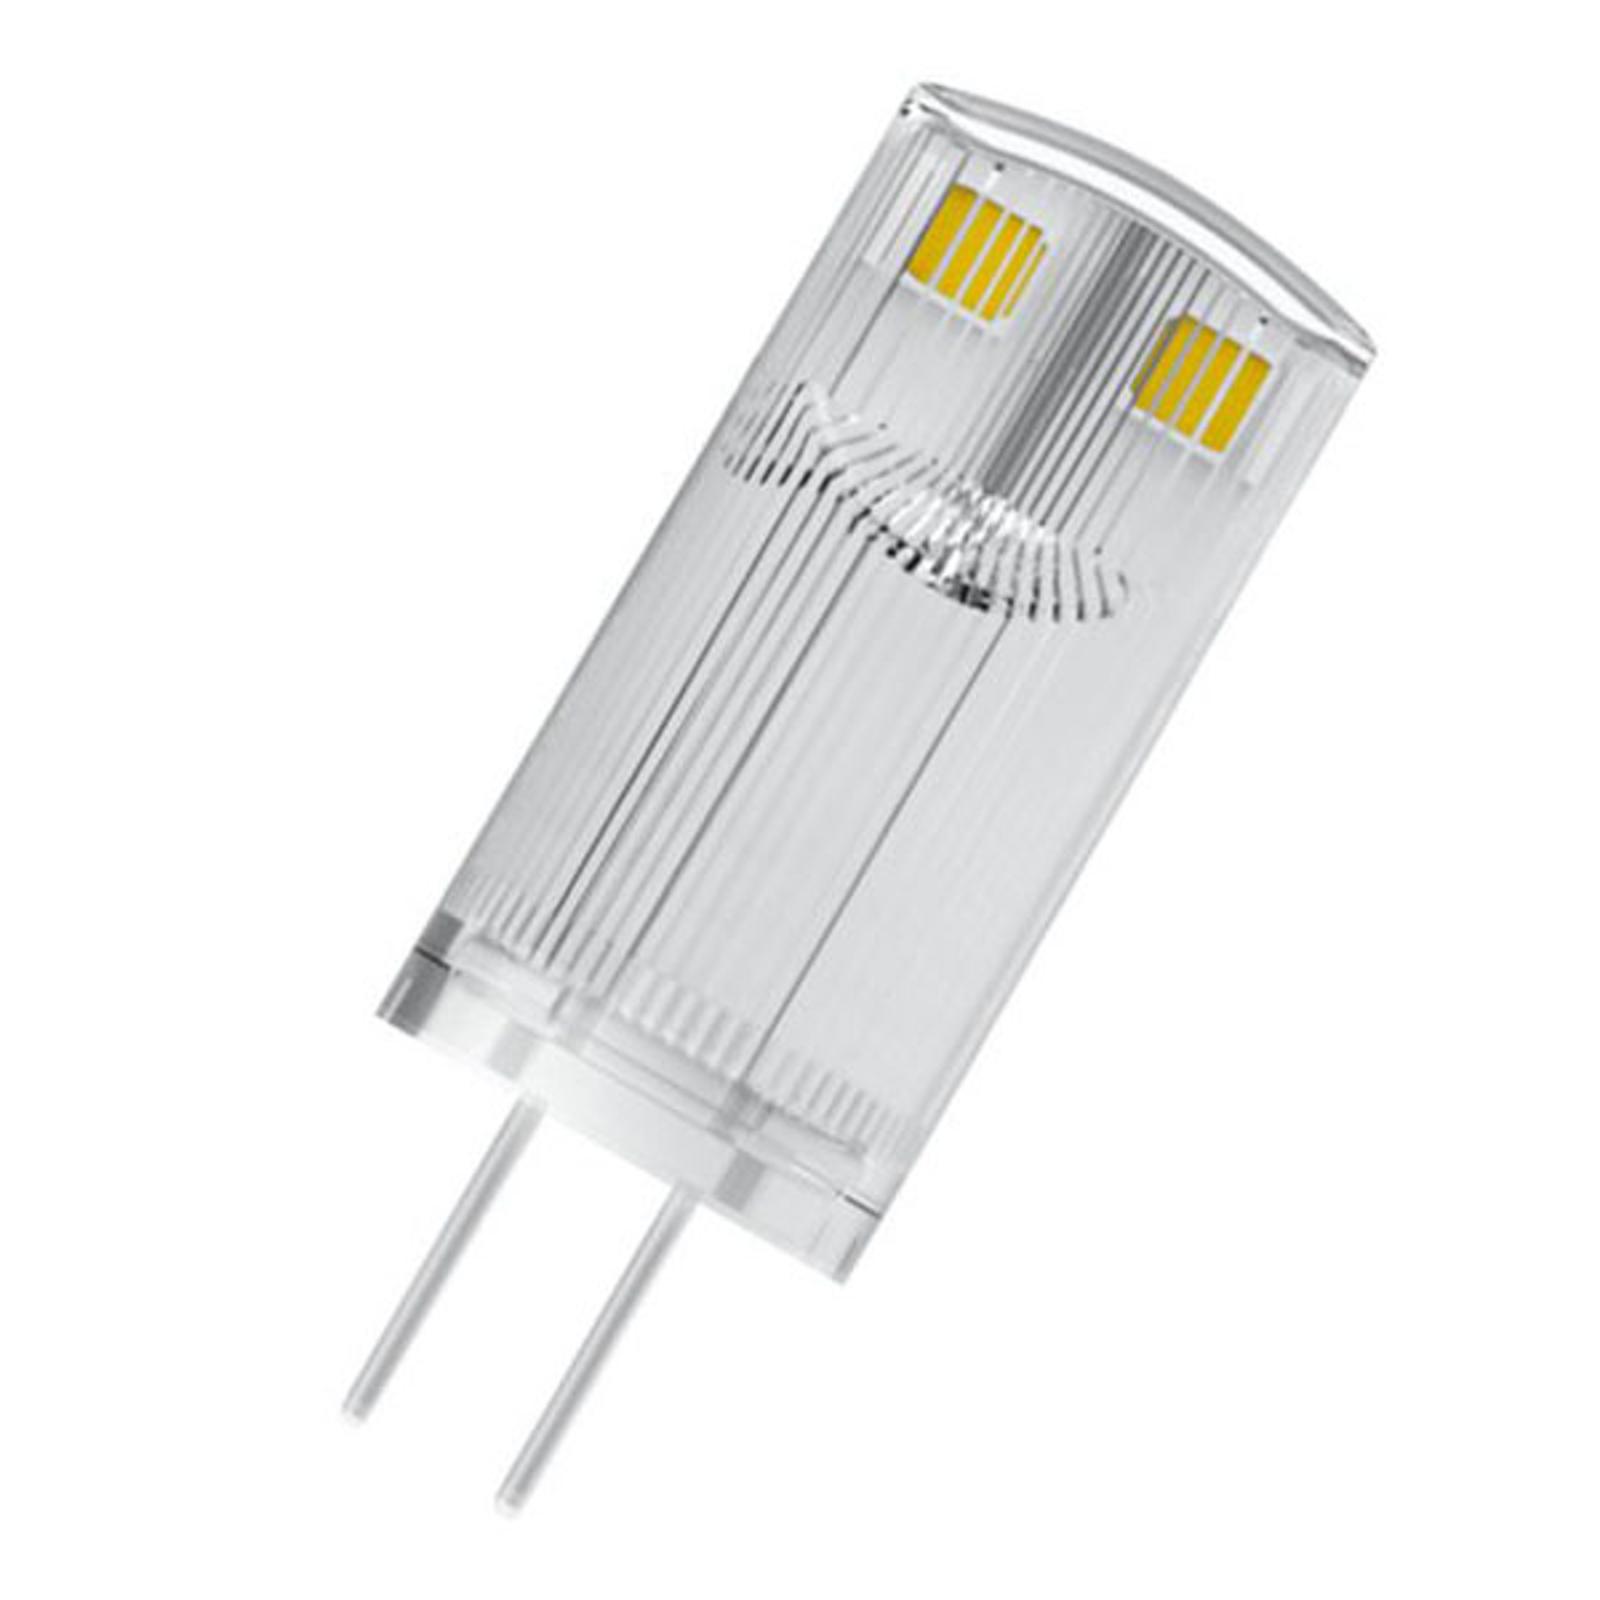 OSRAM LED-stiftpære G4 0,9 W 2700K klar 3-er